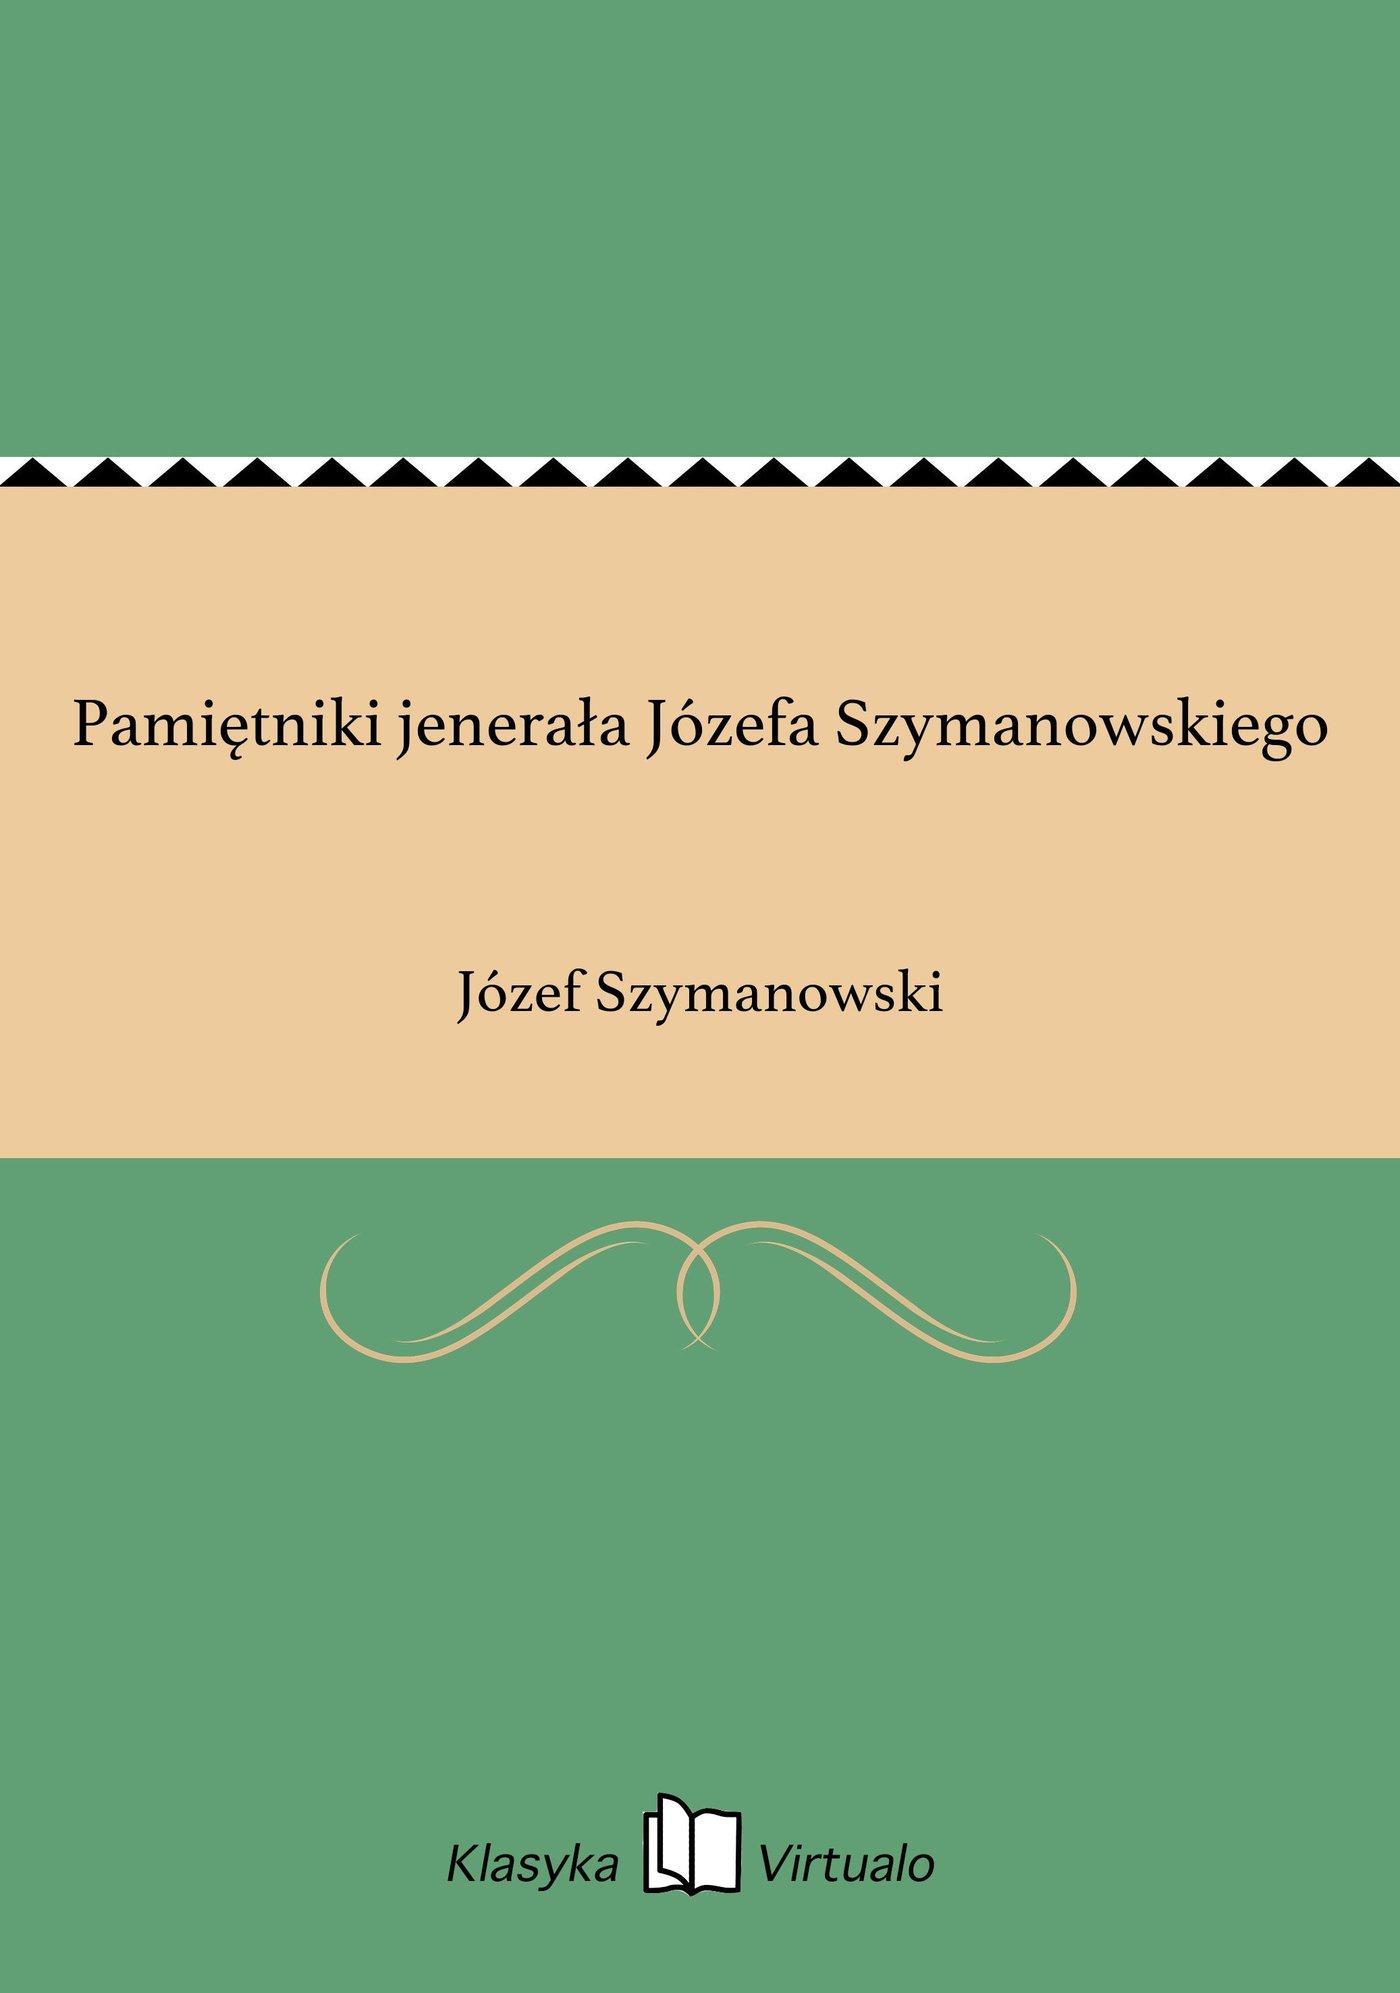 Pamiętniki jenerała Józefa Szymanowskiego - Ebook (Książka EPUB) do pobrania w formacie EPUB